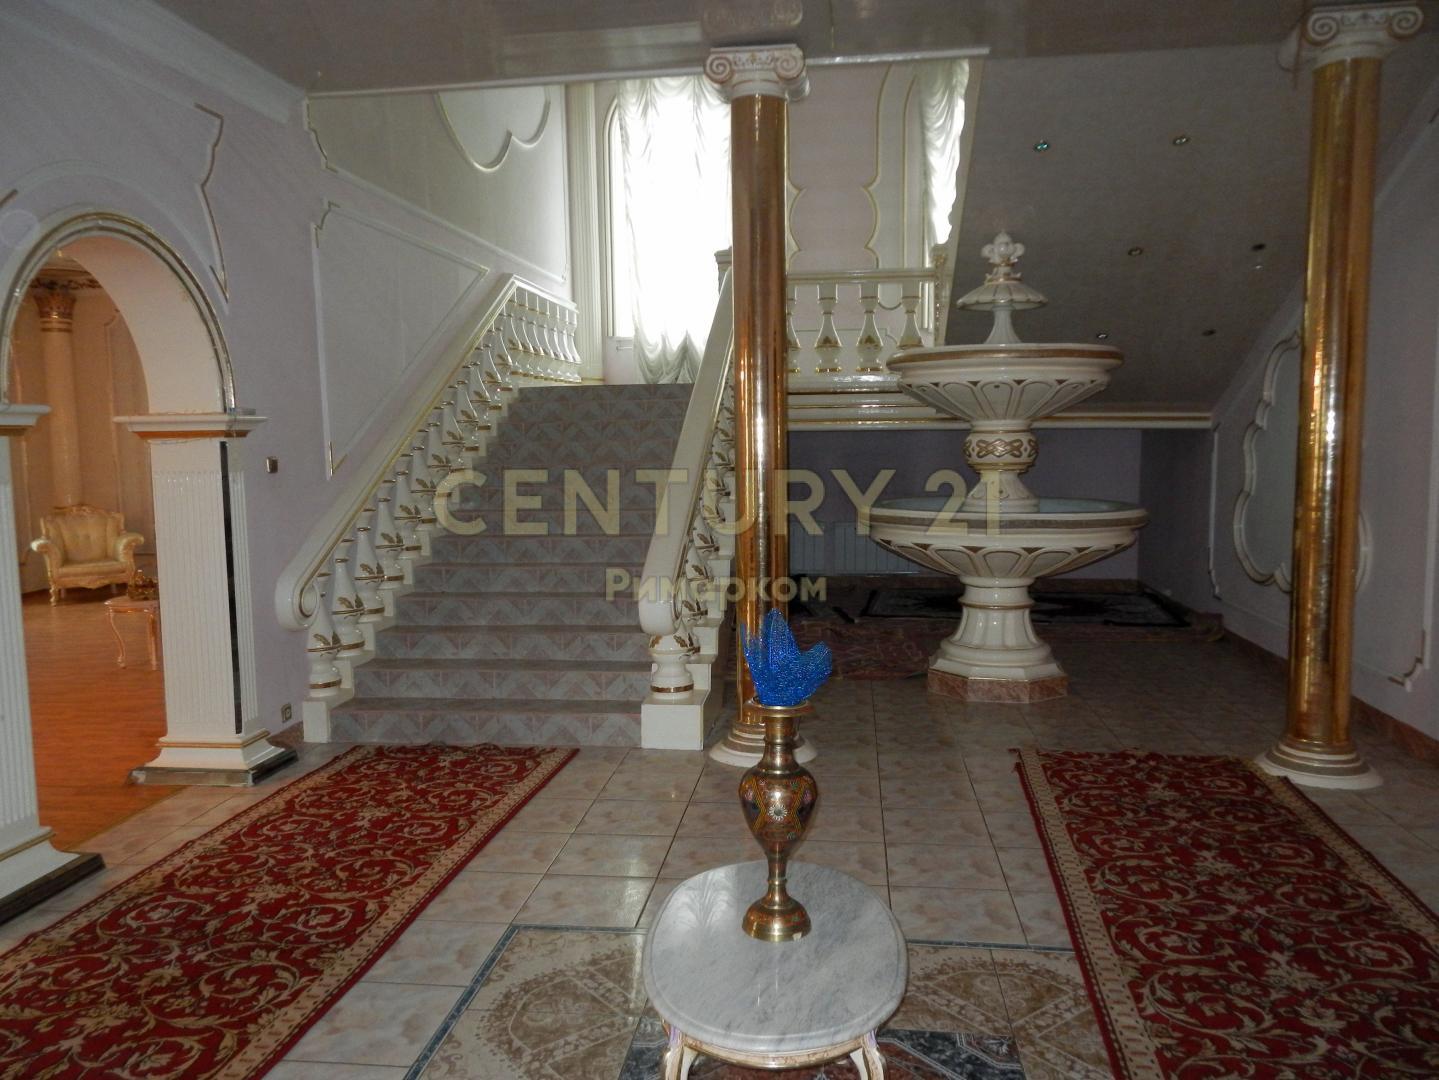 Продам дом по адресу Россия, Москва и Московская область, городской округ Чехов, Чехов, Магистральная улица, 32 фото 3 по выгодной цене